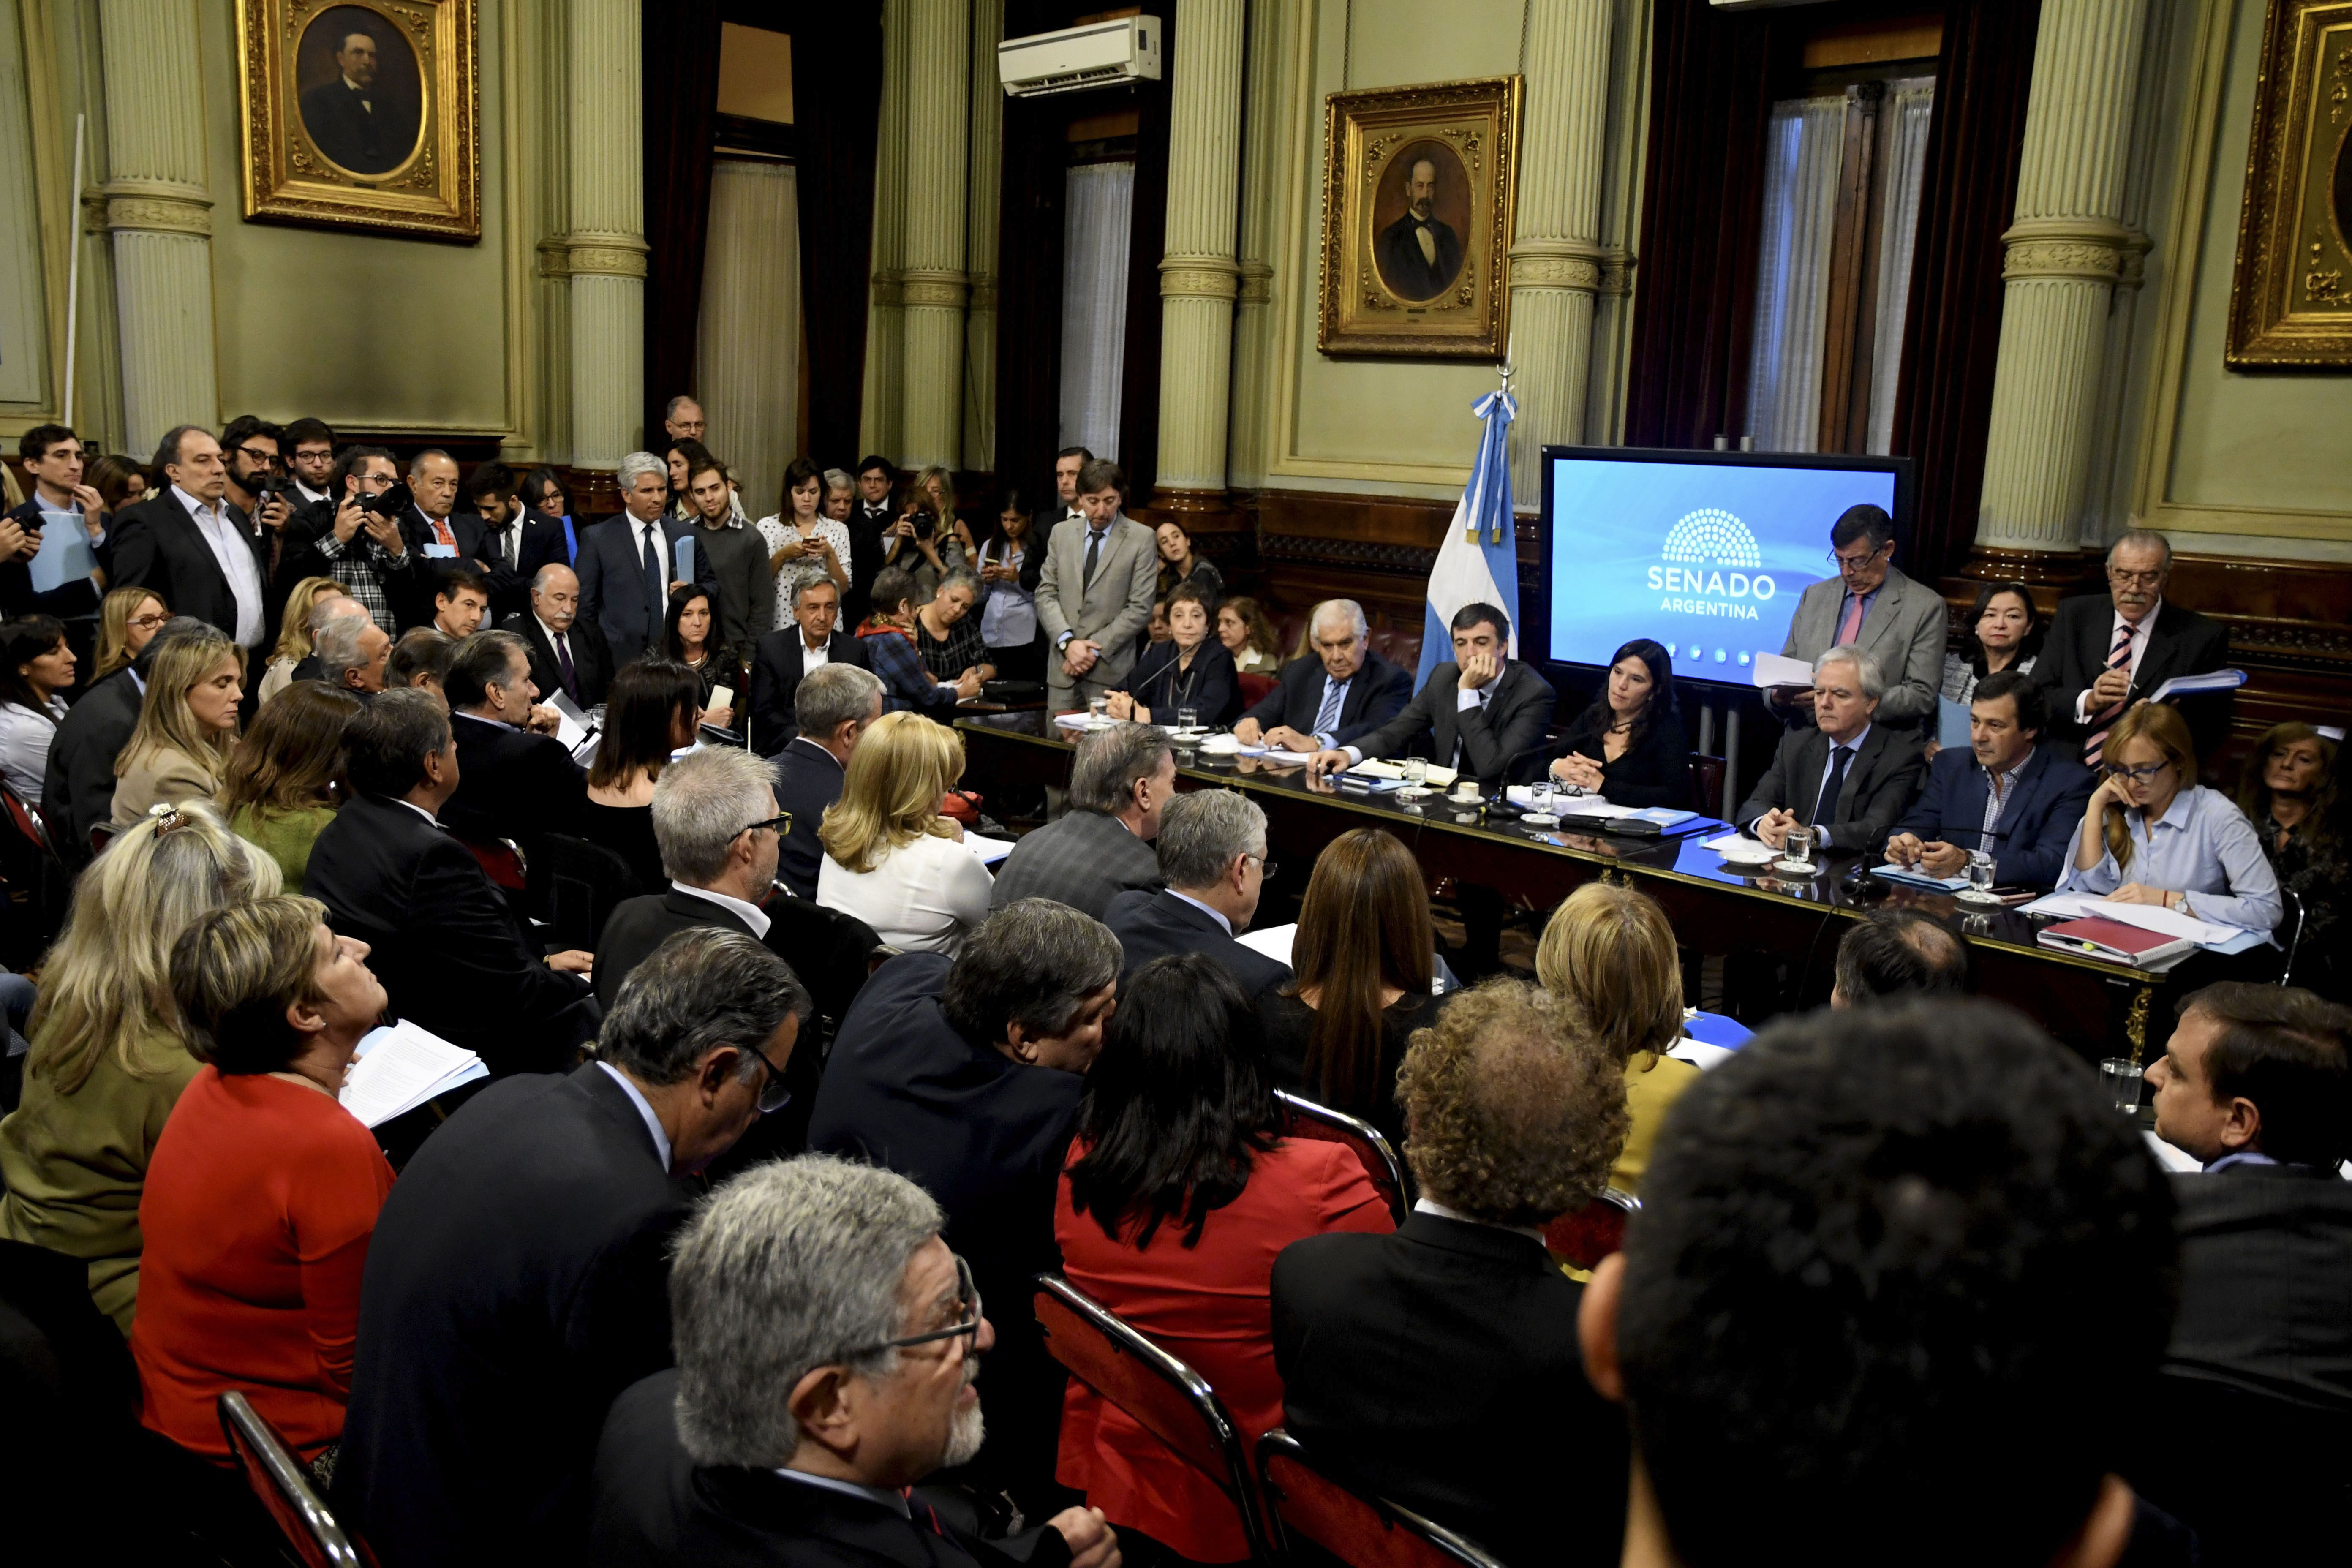 Revés para el Gobierno: el proyecto contra el tarifazo obtuvo dictamen y será tratado en el Senado